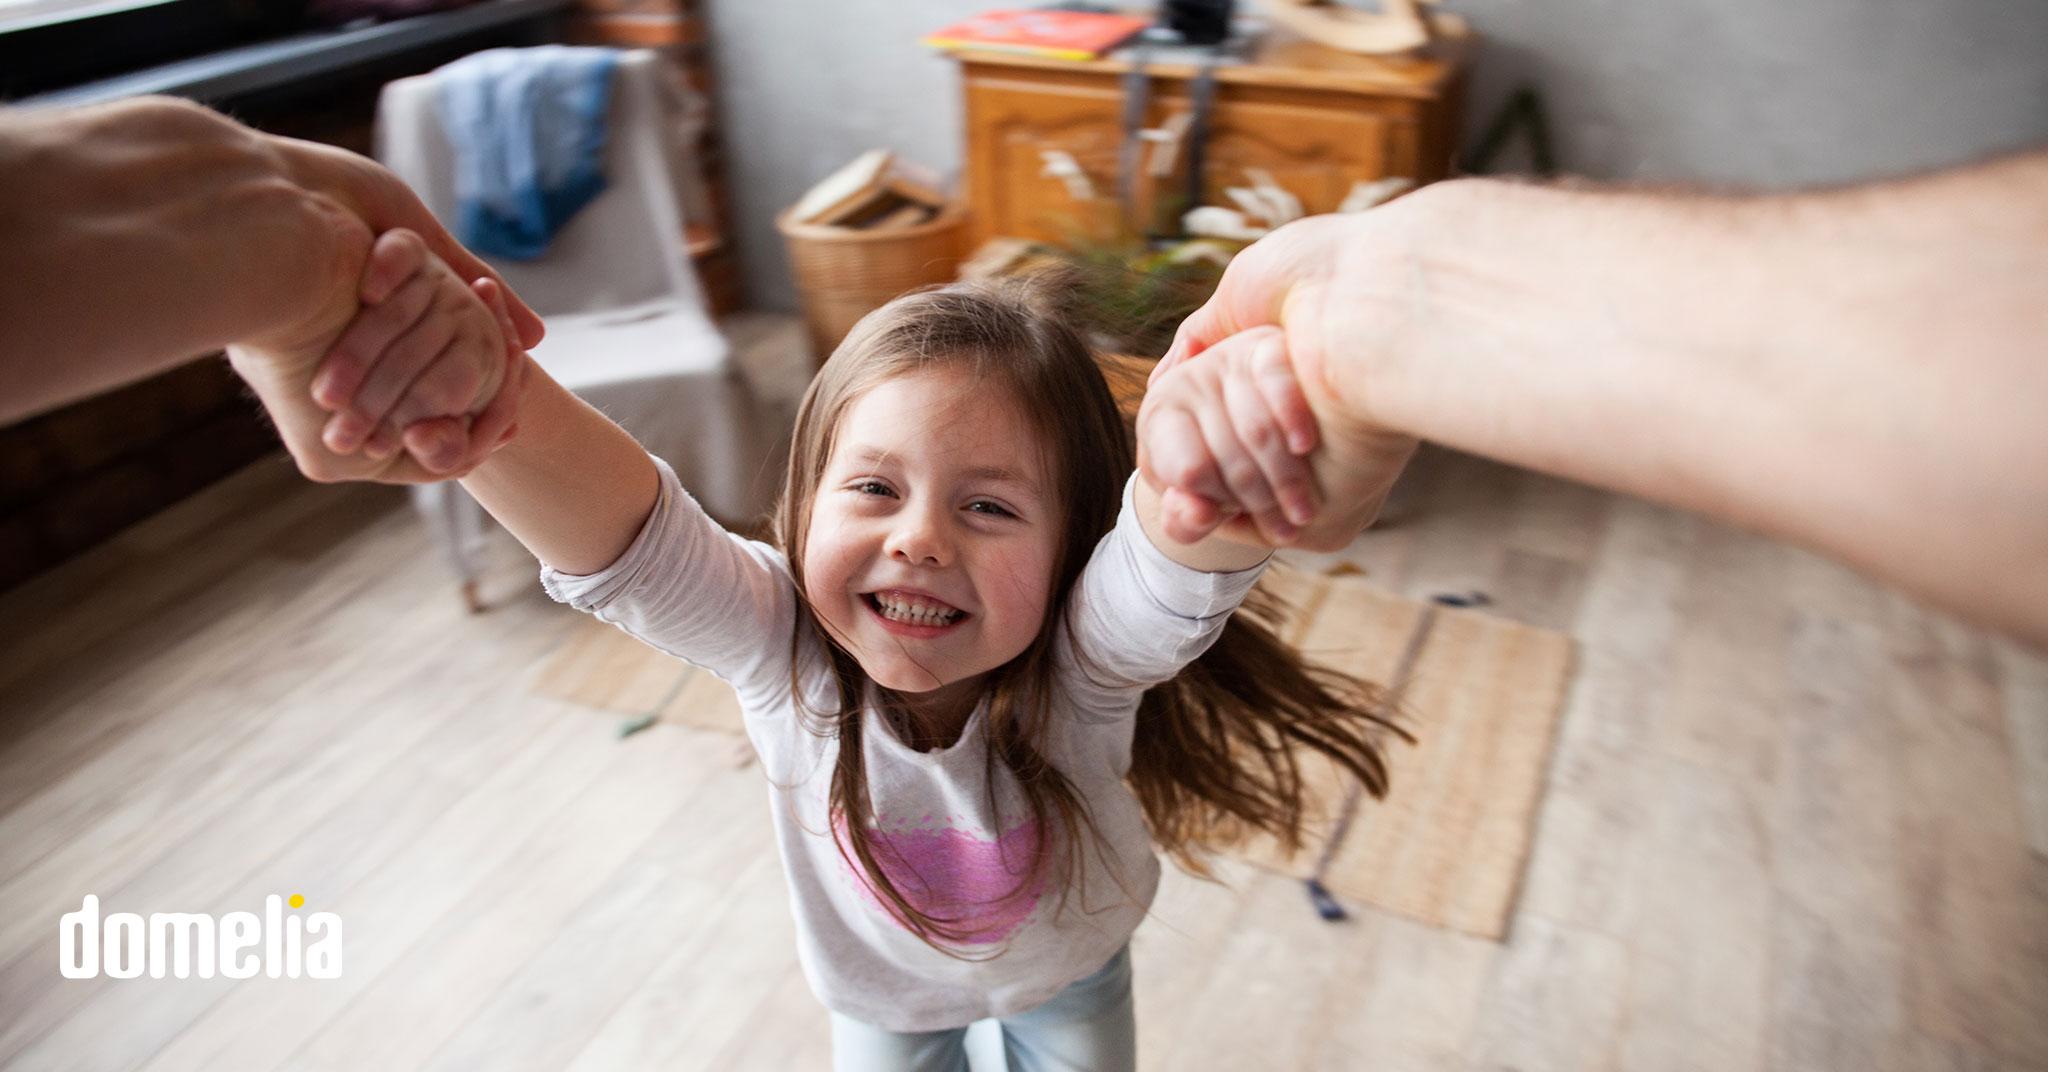 Opatrovanie detí - Ako si privyrobiť cez leto 2 - Blog - Domelia.sk